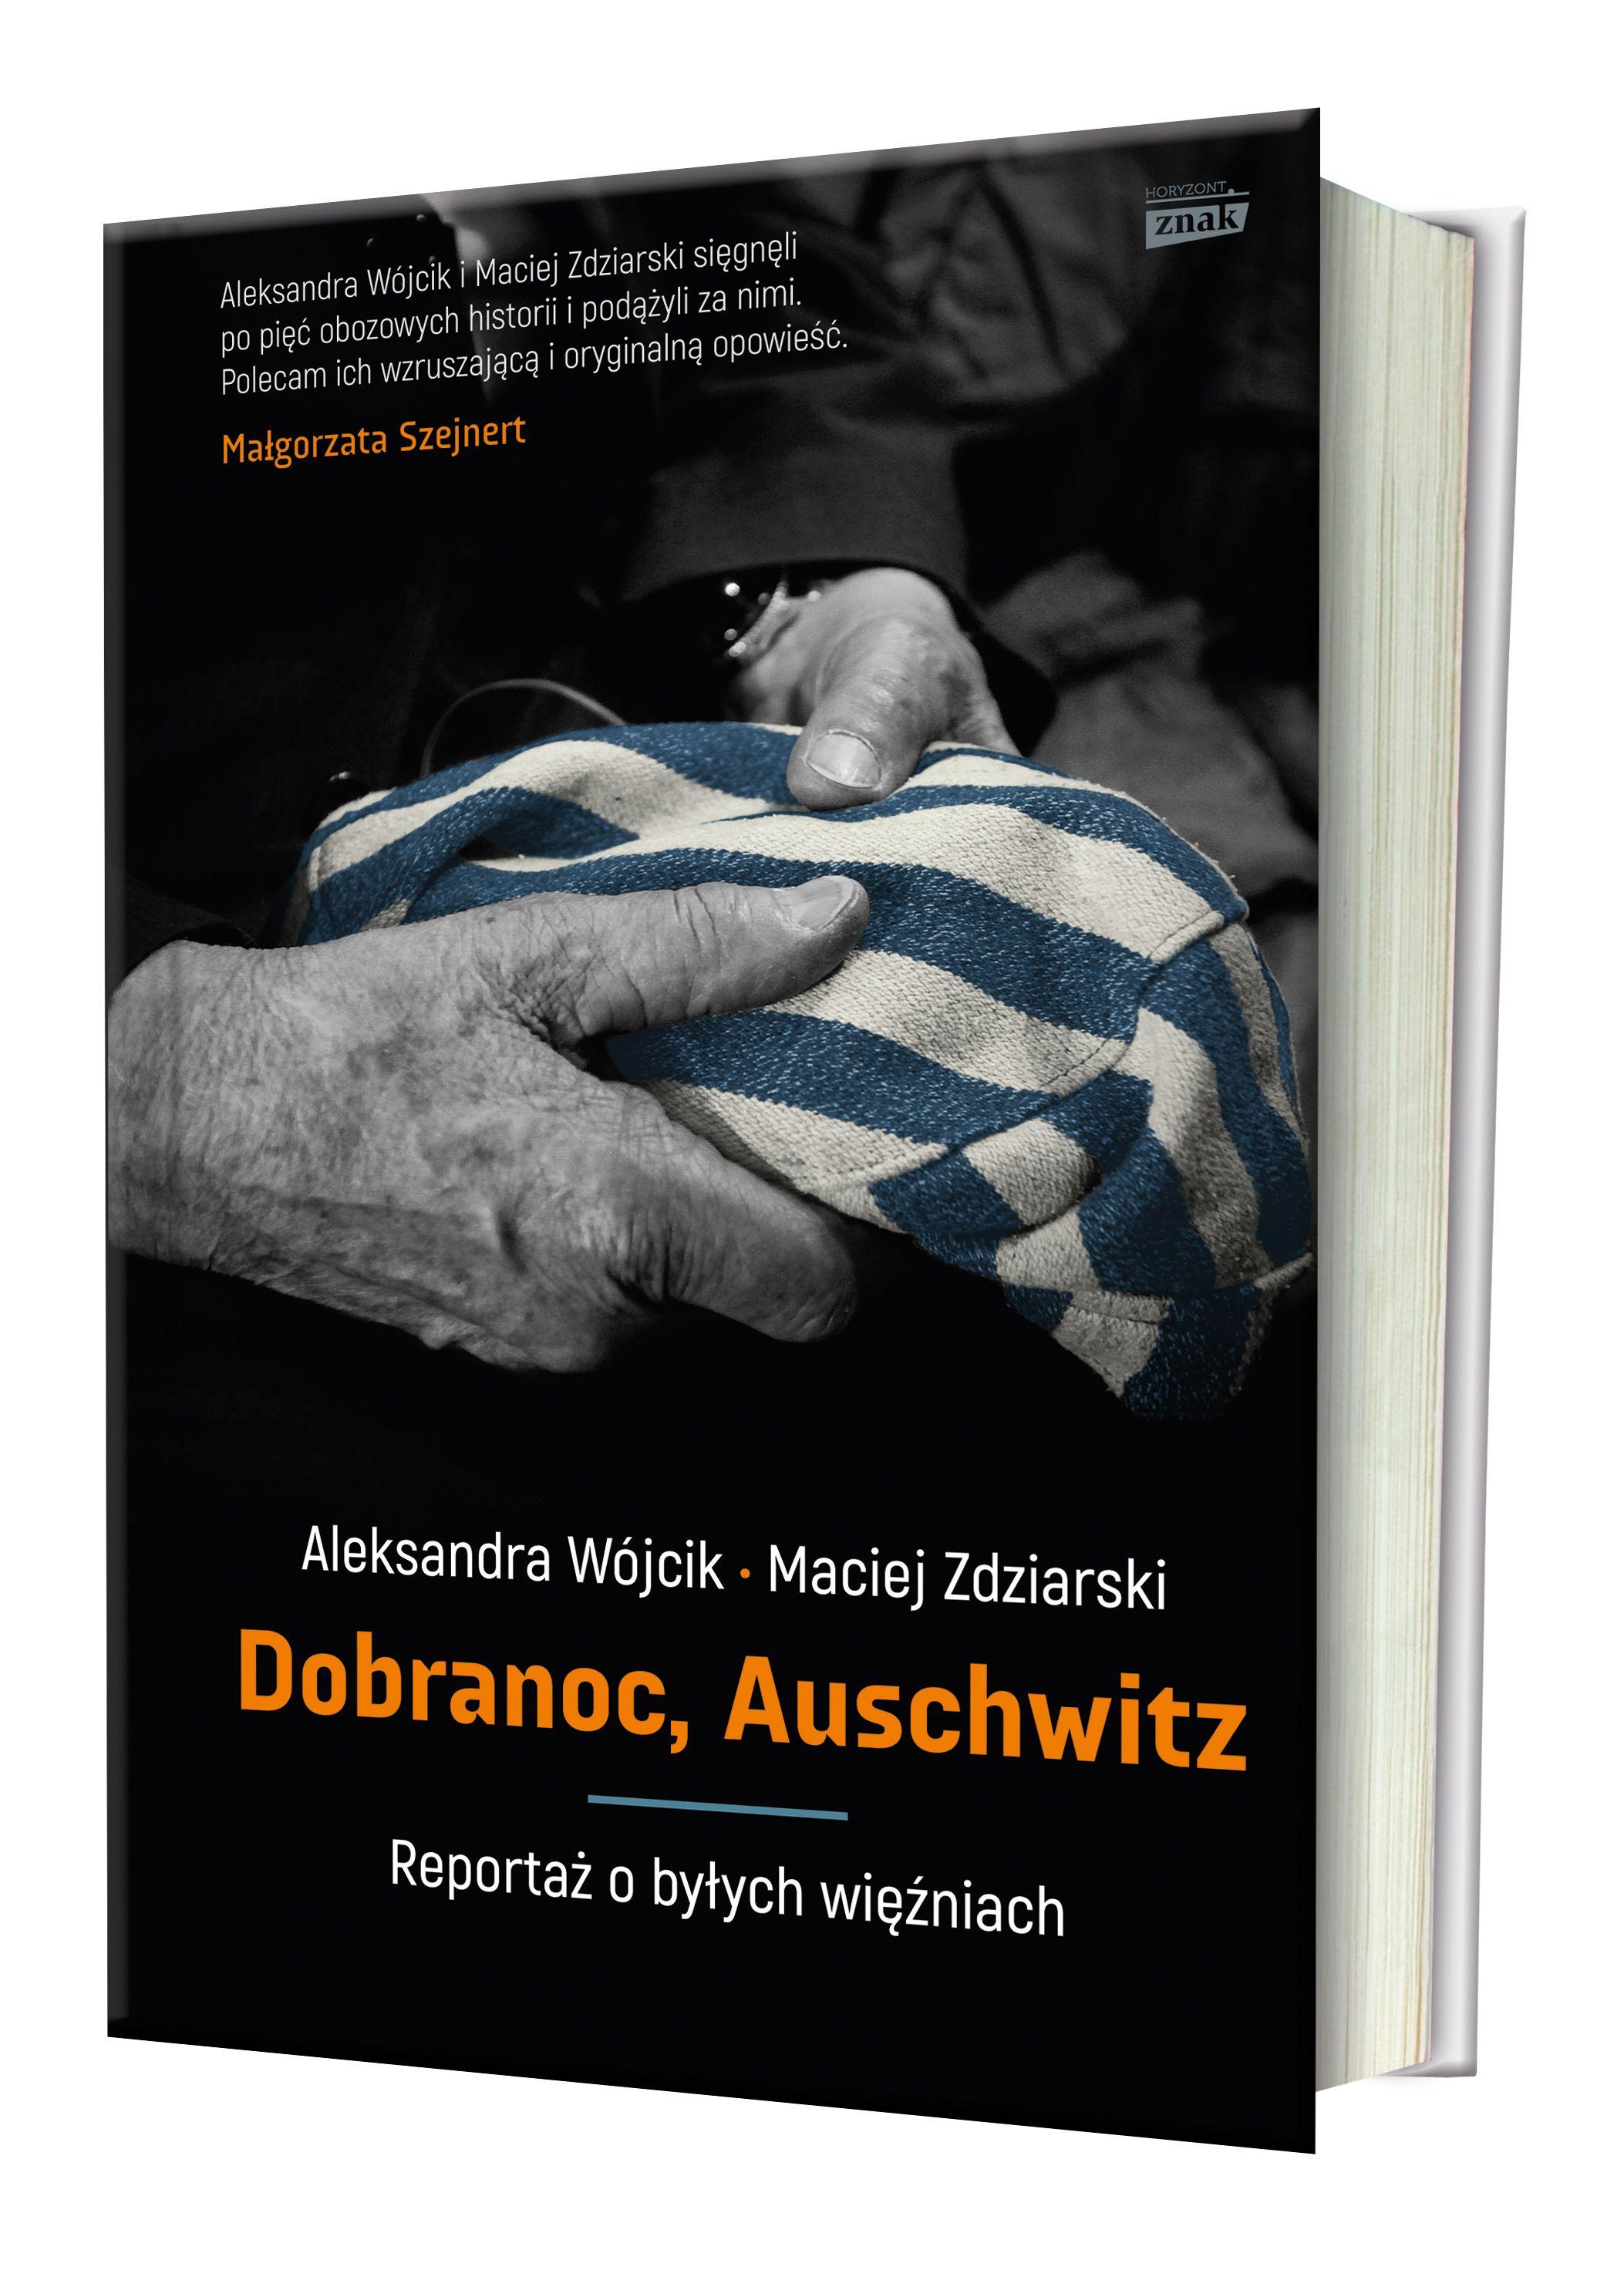 """Poruszające historie tych, którzy przeżyli Auschwitz, znajdziecie w książce Aleksandry Wójcik i Macieja Zdziarskiego """"Dobranoc, Auschwitz. Reportaż o byłych więźniach"""", która ukazała się właśnie nakładem wydawnictwa Znak Horyzont."""